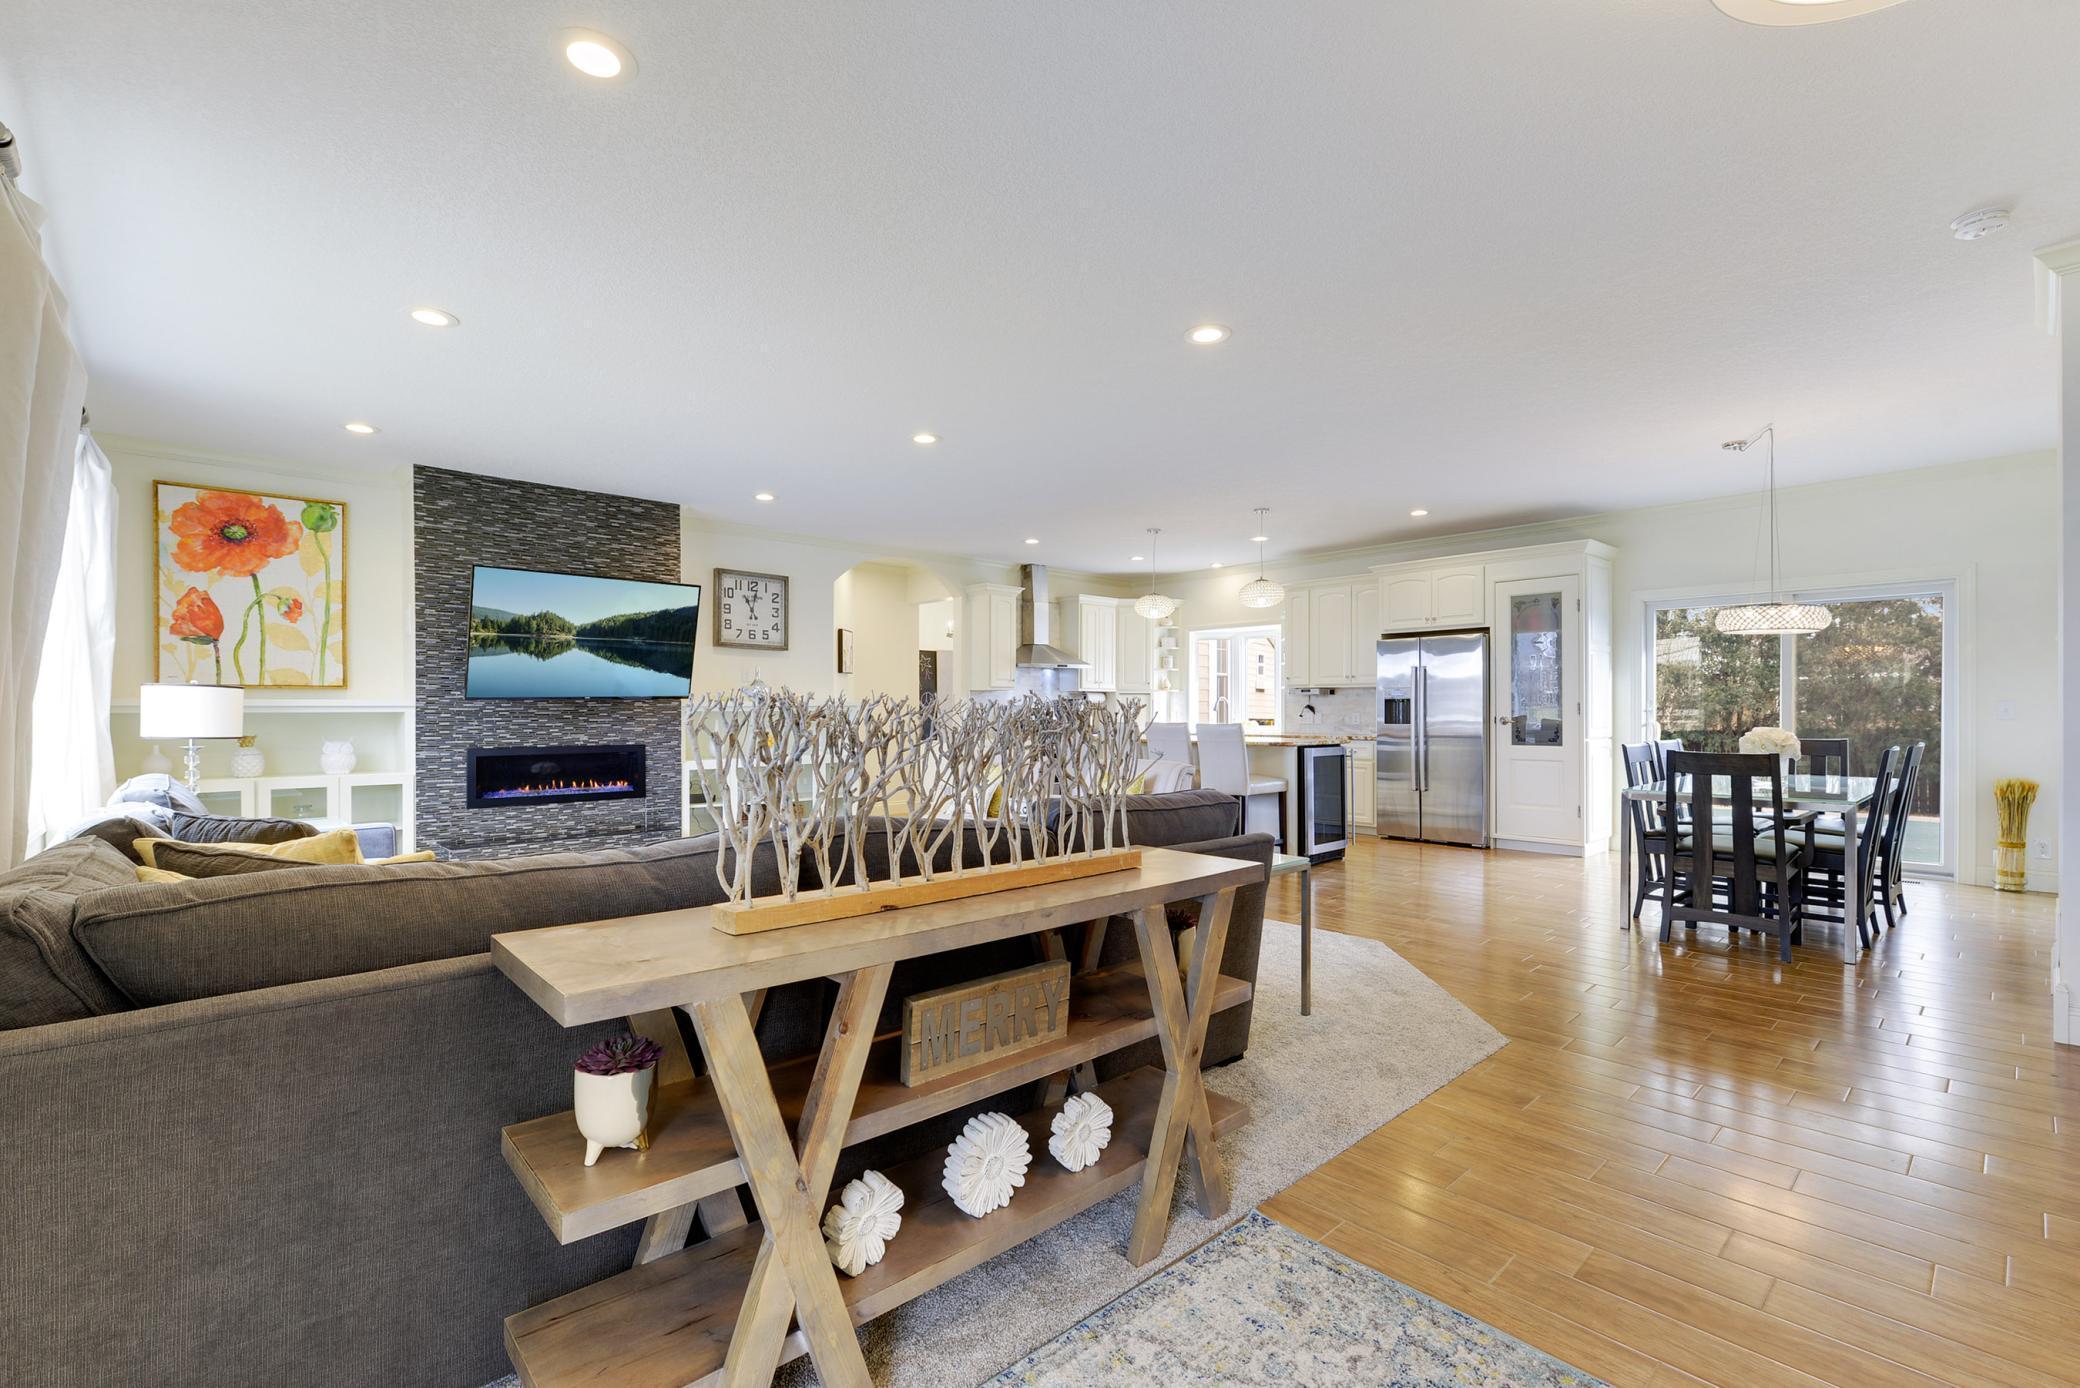 7105 Heatherton Trail Property Photo - Edina, MN real estate listing